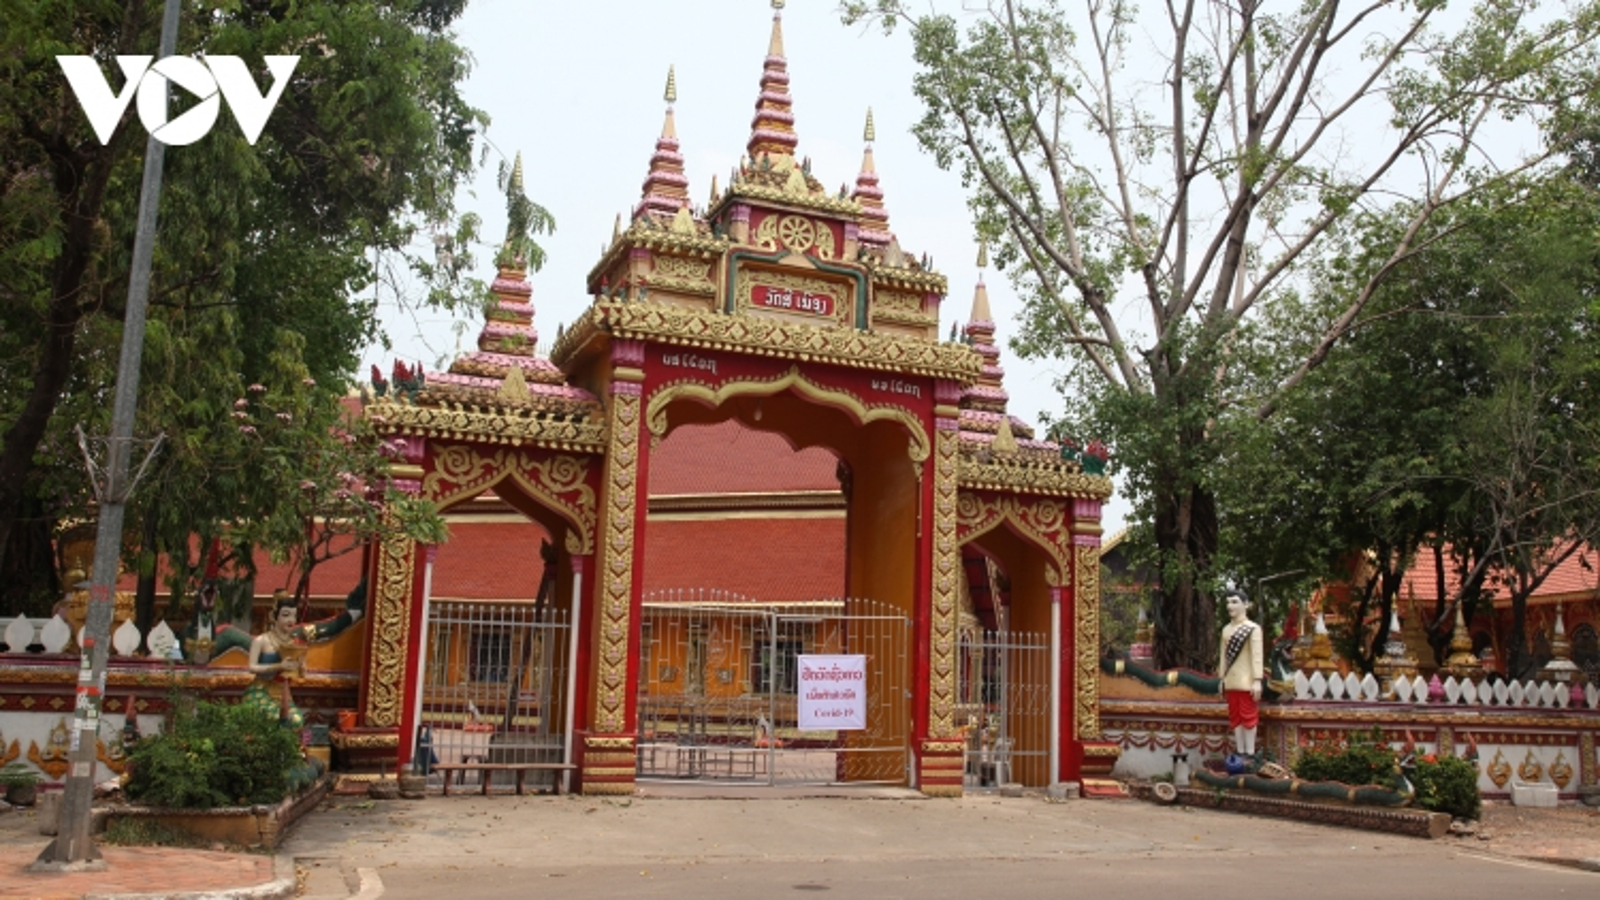 Lào:Số ca nhiễm Covid-19 mới tăng nhanh, thủ đô Vientiane bịphong toả